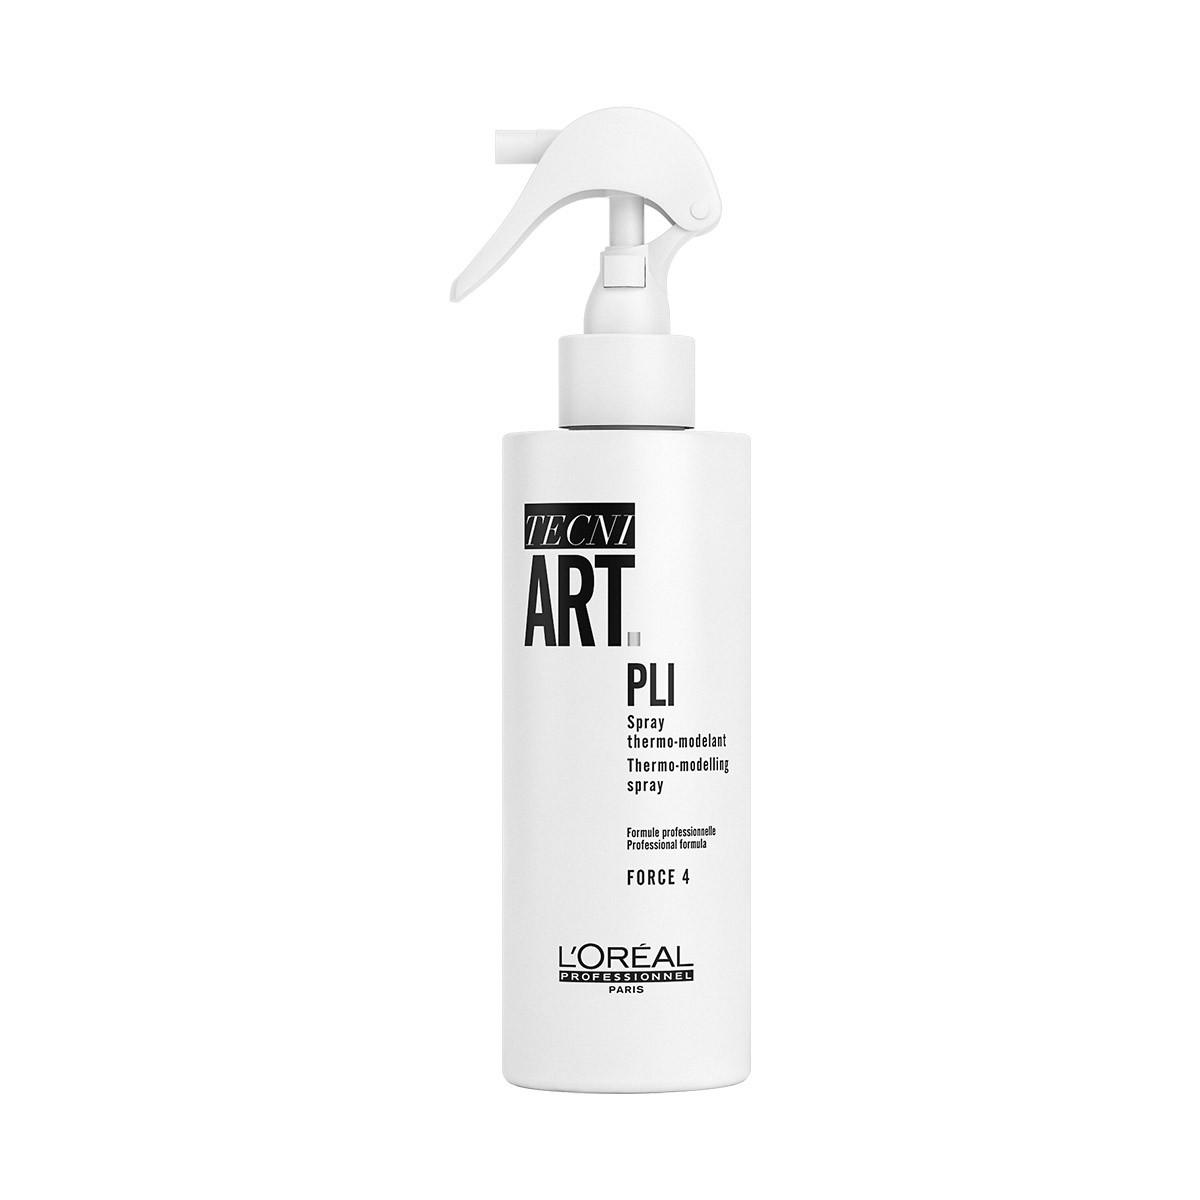 LOREAL Tecni Art Pli Spray 200ml - Spray termo-modelujący